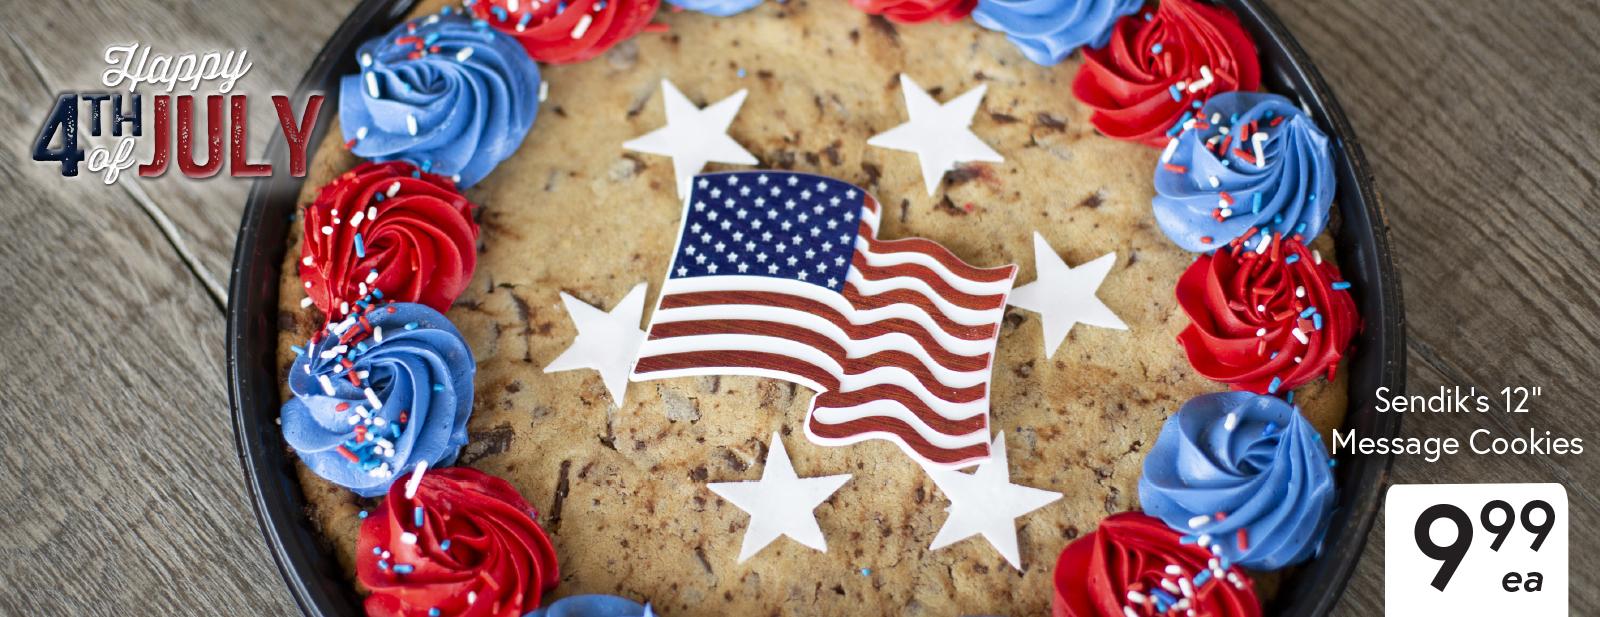 """Sendik's 12"""" Message Cookies $9.99 each"""